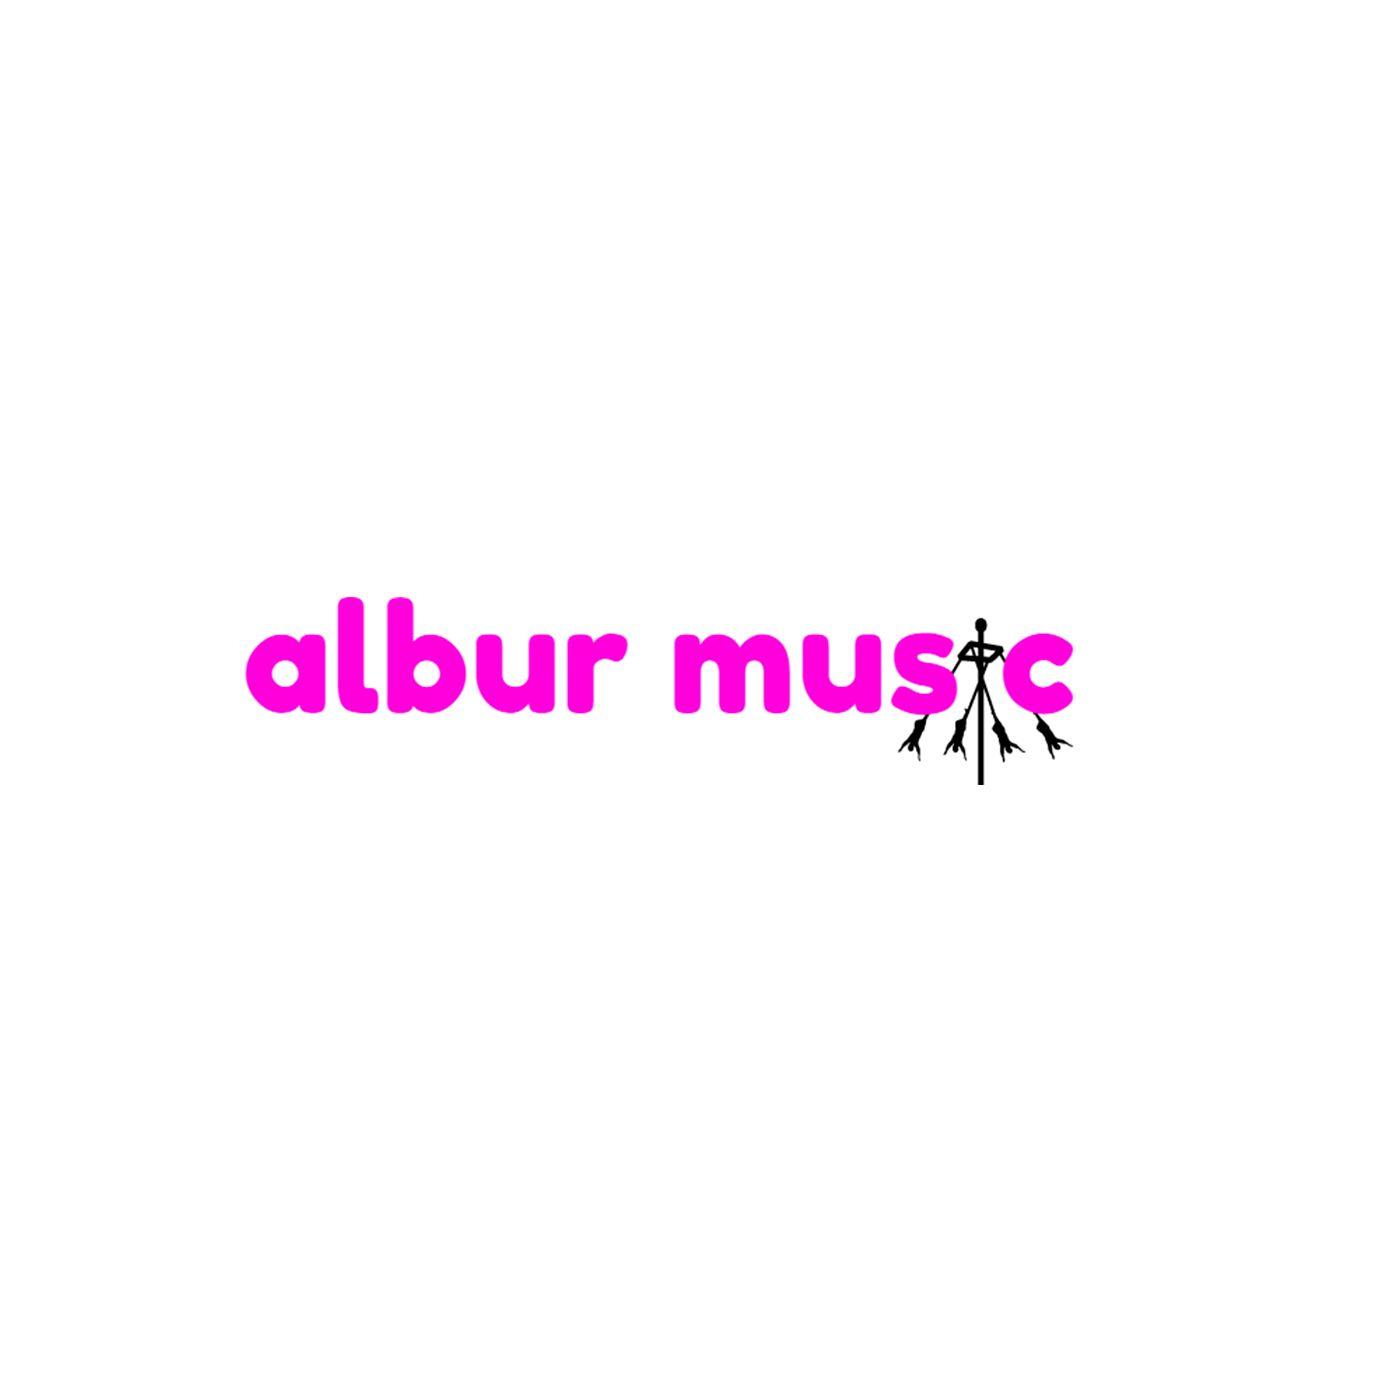 albur music